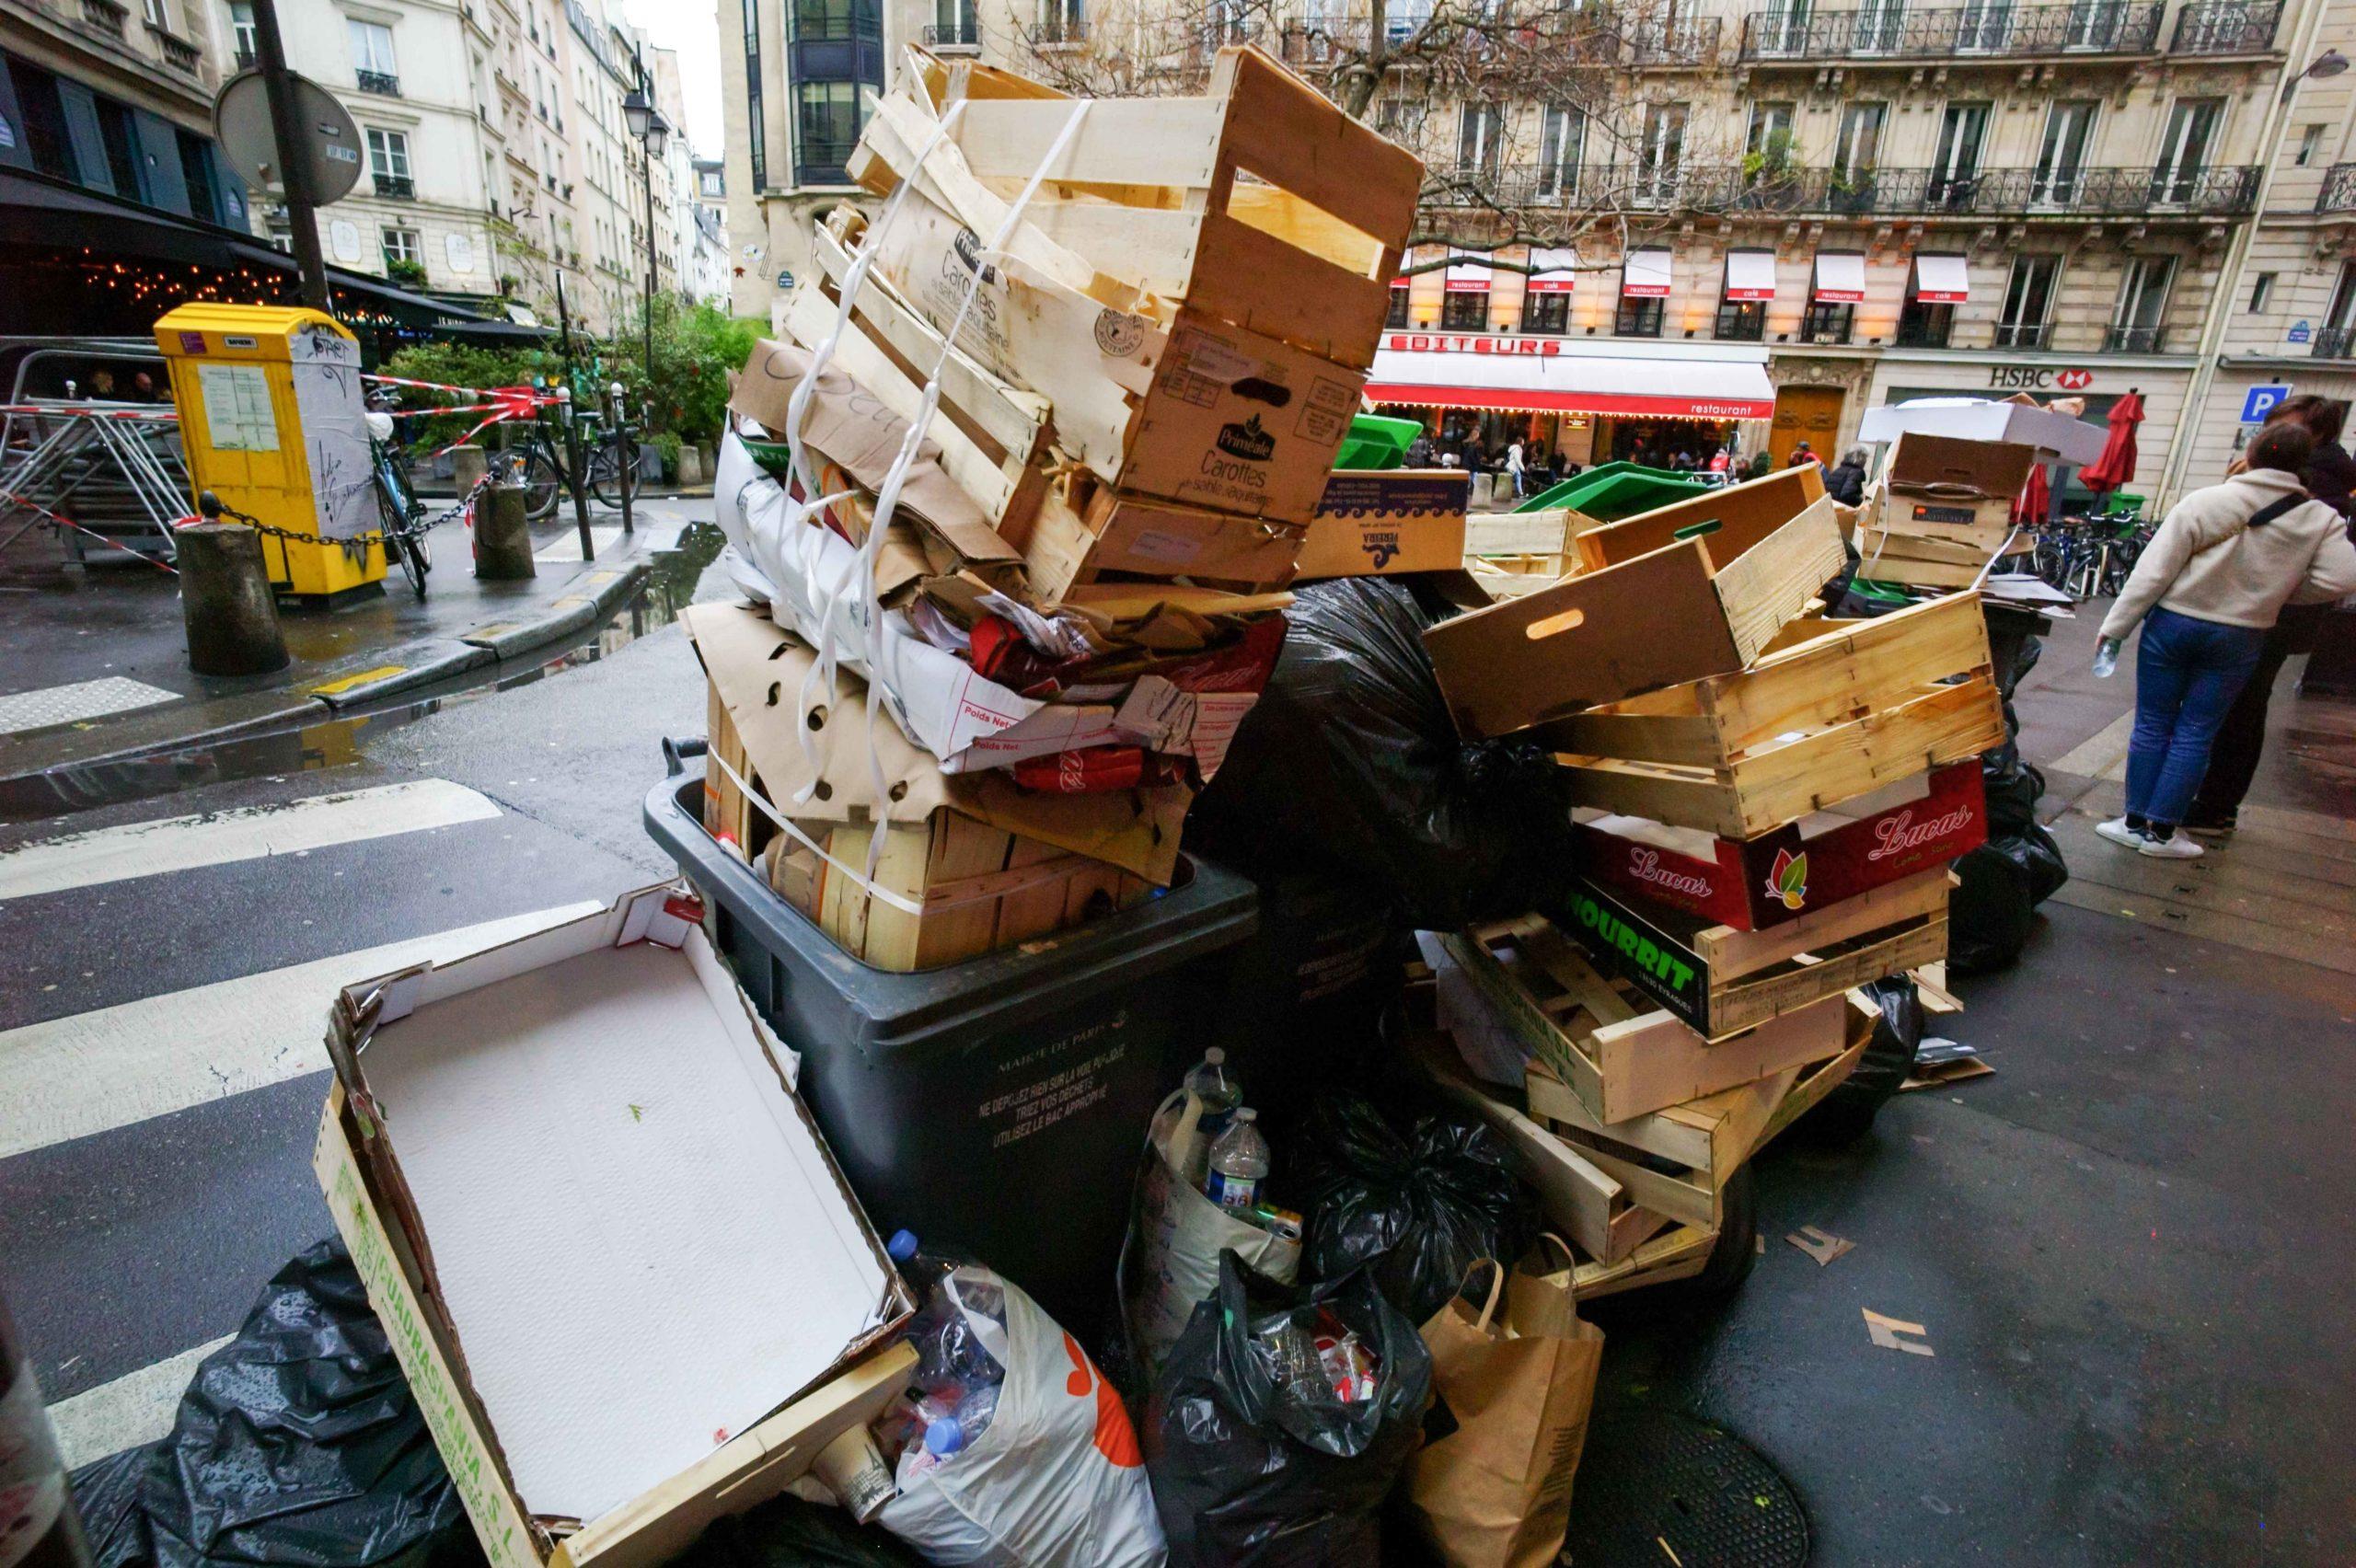 Les effets de la grève sont visibles dans les rues de Paris. © Michel Stoupak. Dim 02.02.2020, 15:43:58.